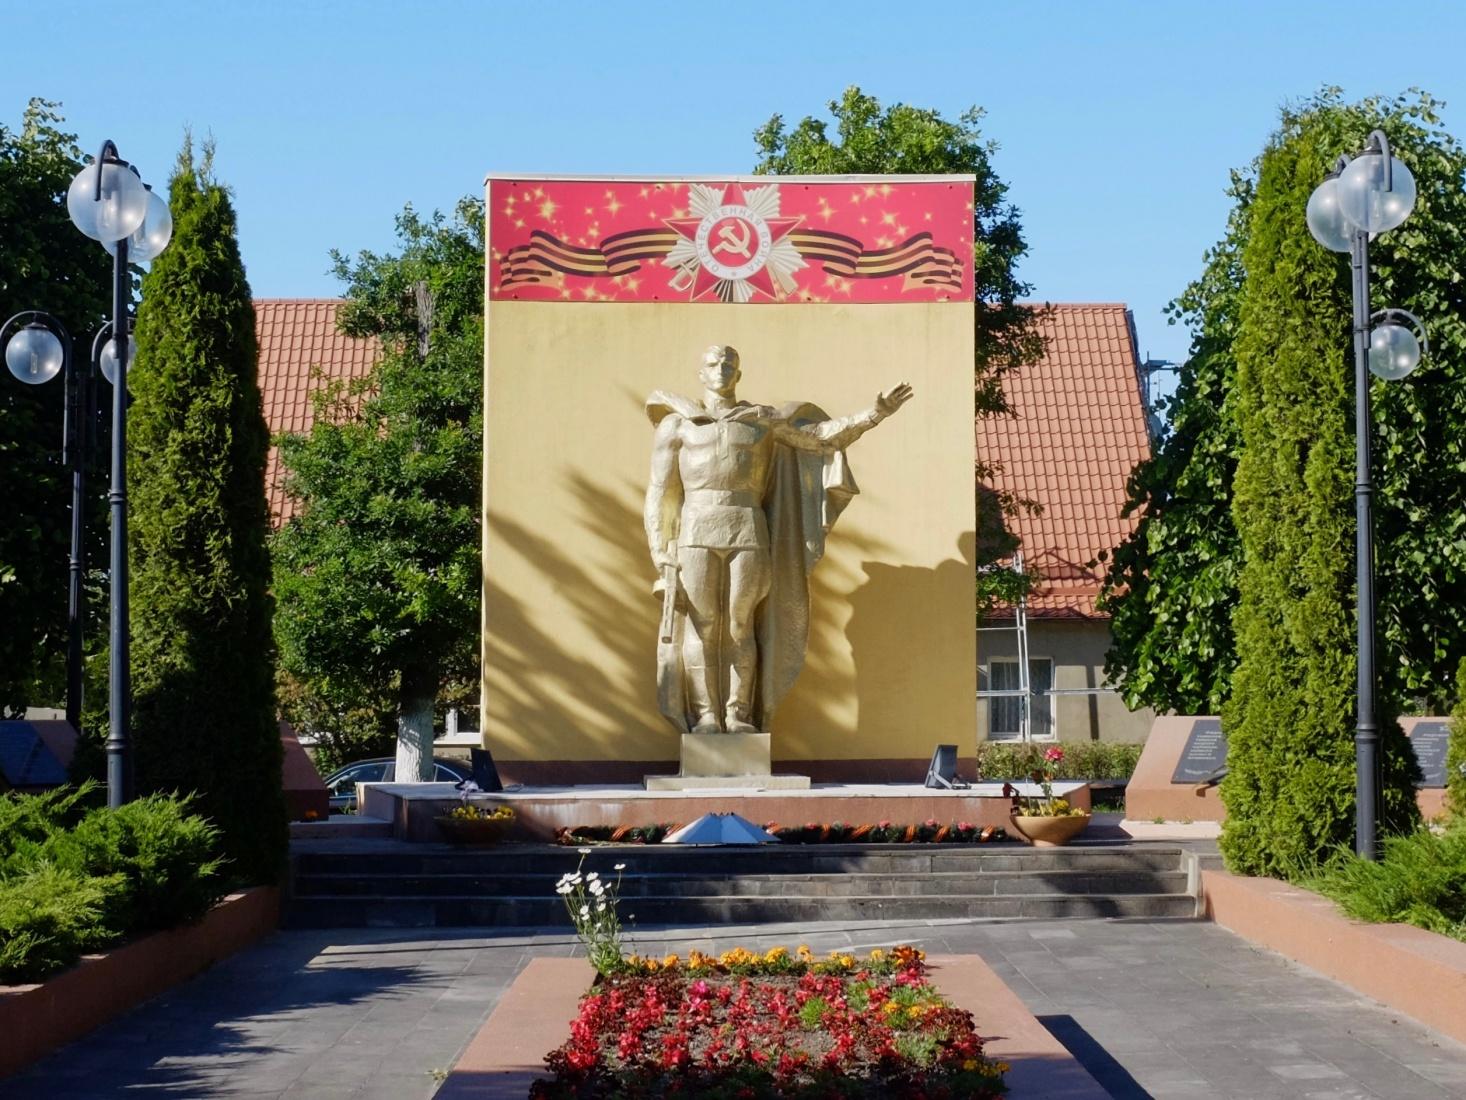 Soviet war memorial near the center of town in Yantarny, near Kaliningrad, Russia.